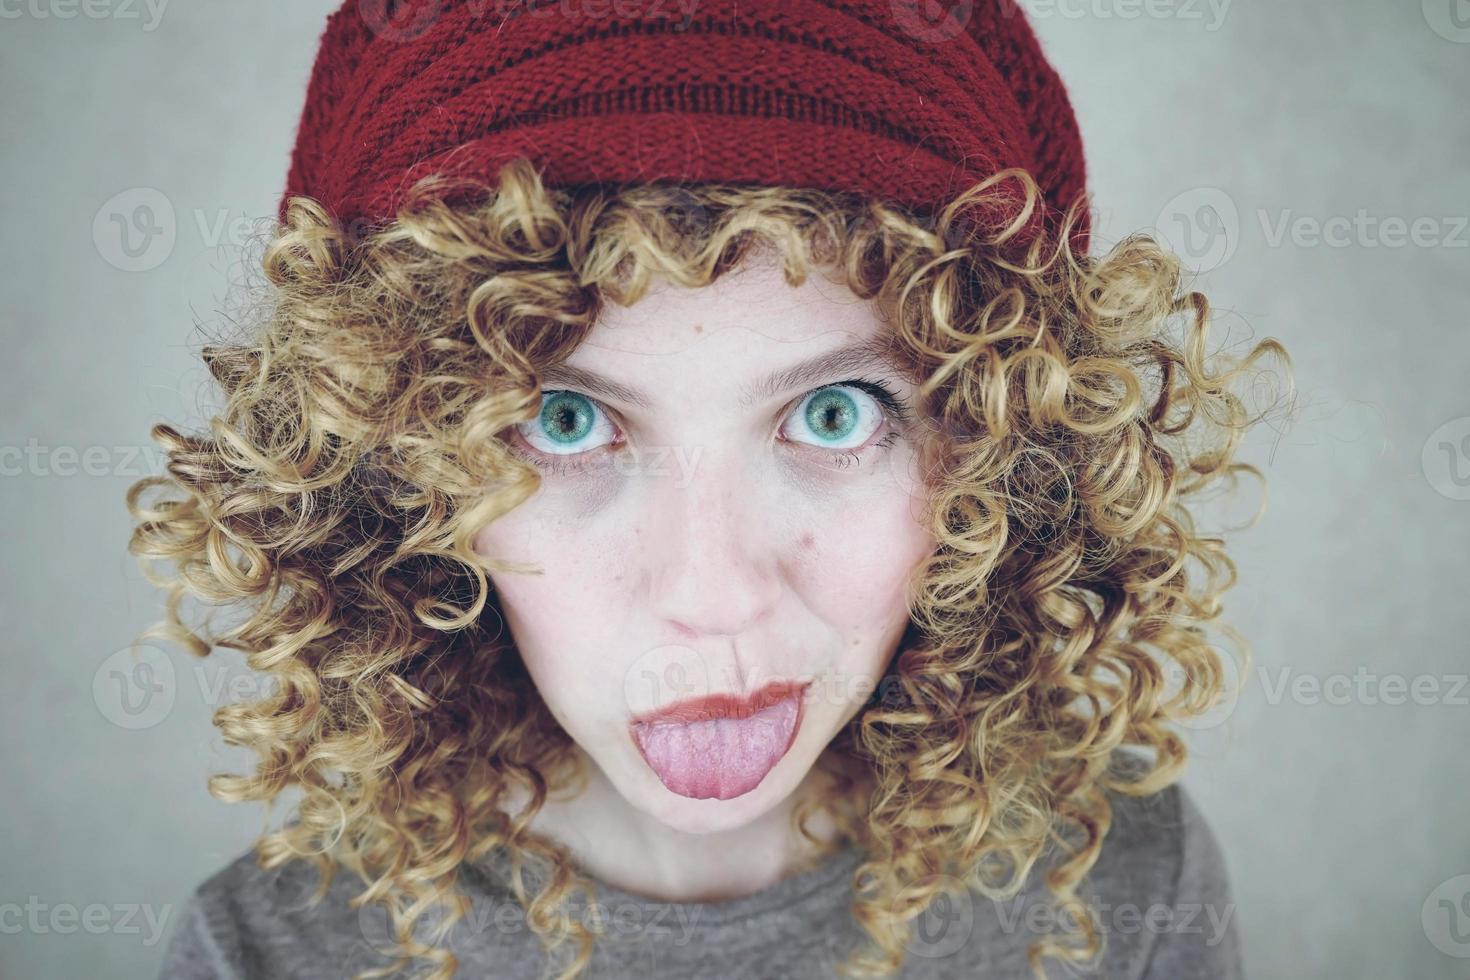 Portrait en gros plan d'une belle et drôle jeune femme aux yeux bleus et aux cheveux blonds bouclés tirant la langue portant un bonnet de laine rouge photo